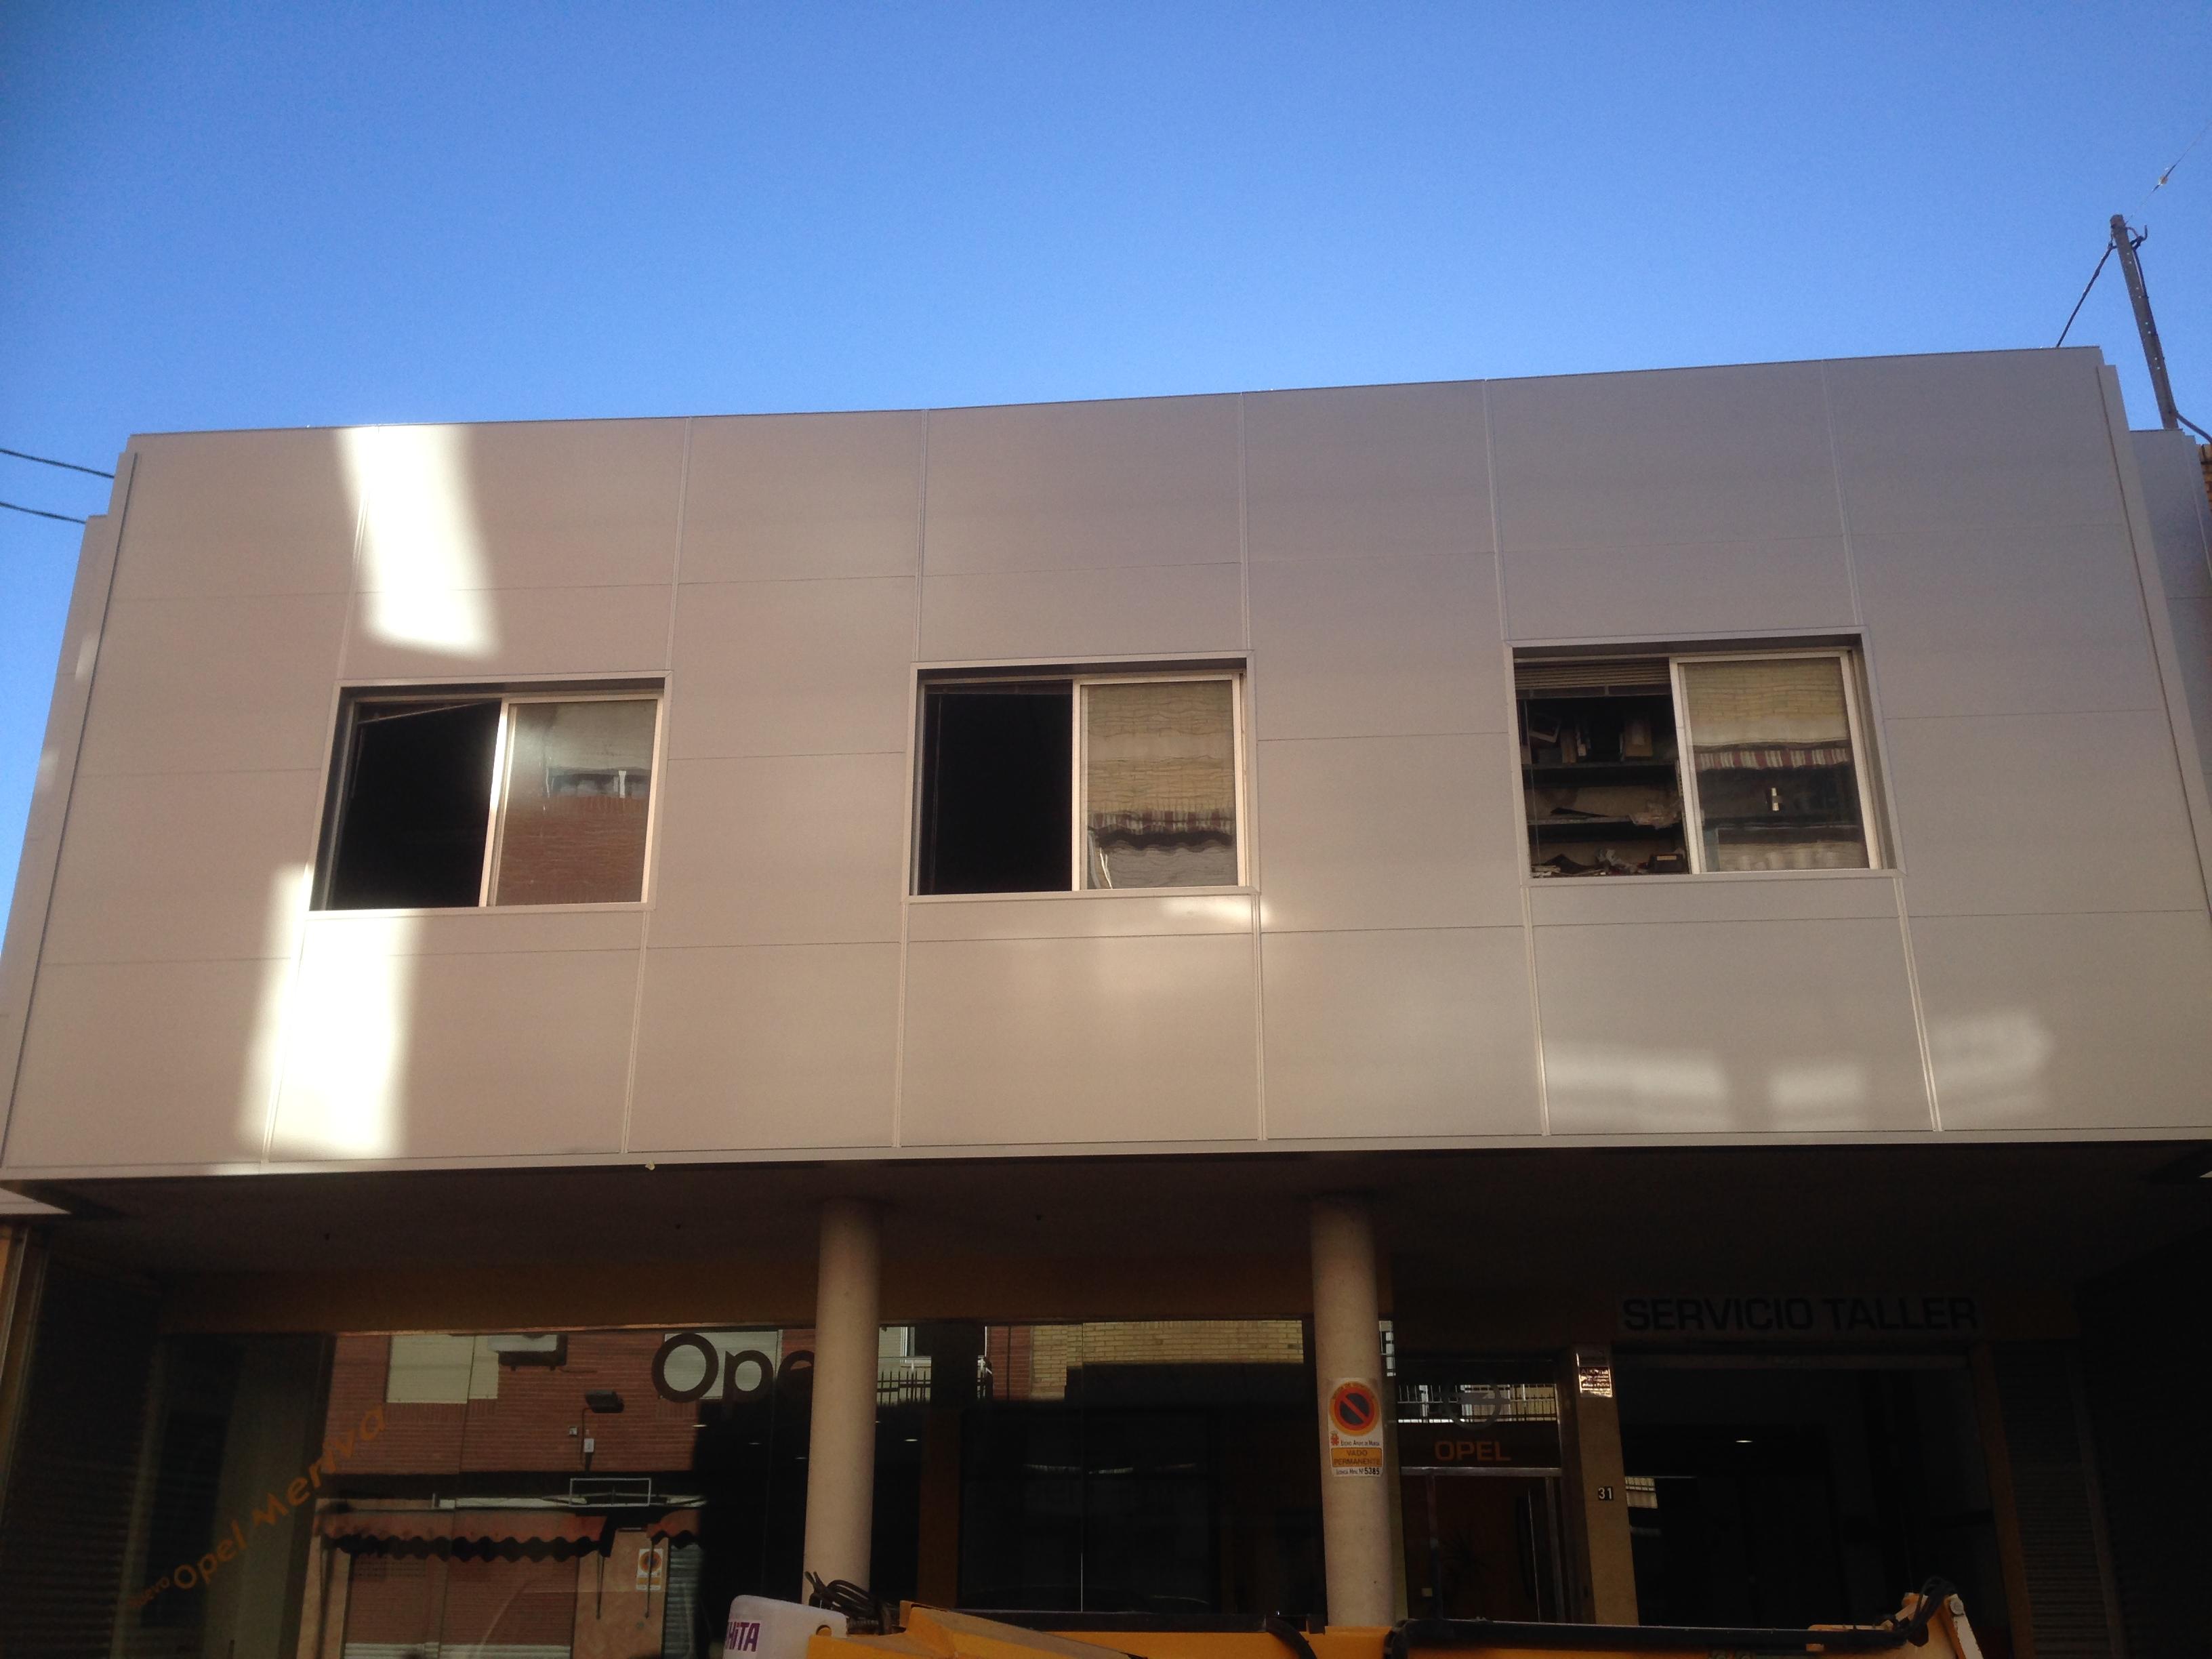 1387364337rehabilitacion-de-fachadas-murcia-despues